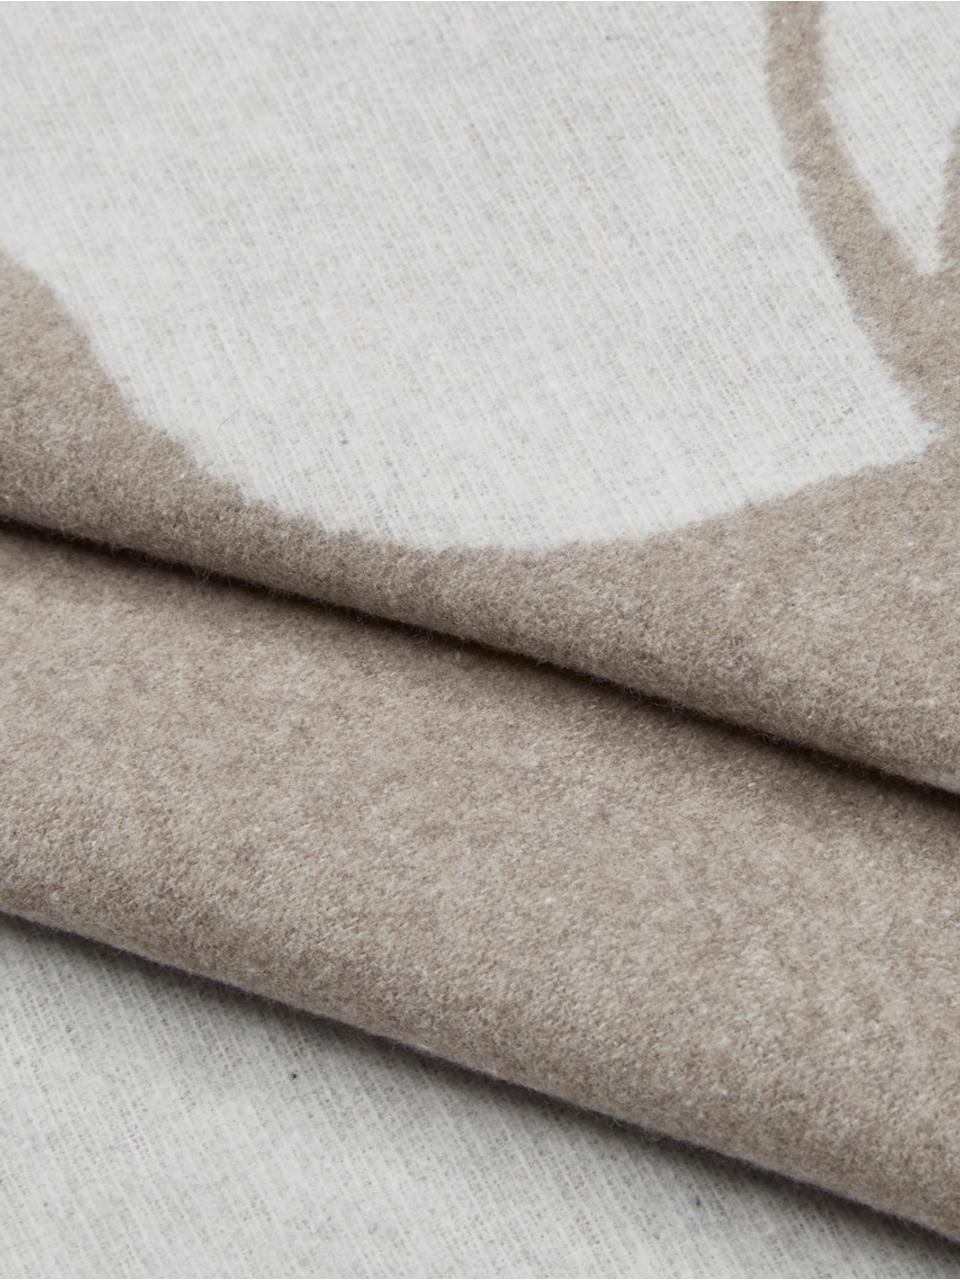 Kuscheldecke Sylt Hirsch in Beige/Braun mit Steppnaht, 85% Baumwolle, 8% Viskose, 7% Polyacryl, Beige, 140 x 200 cm